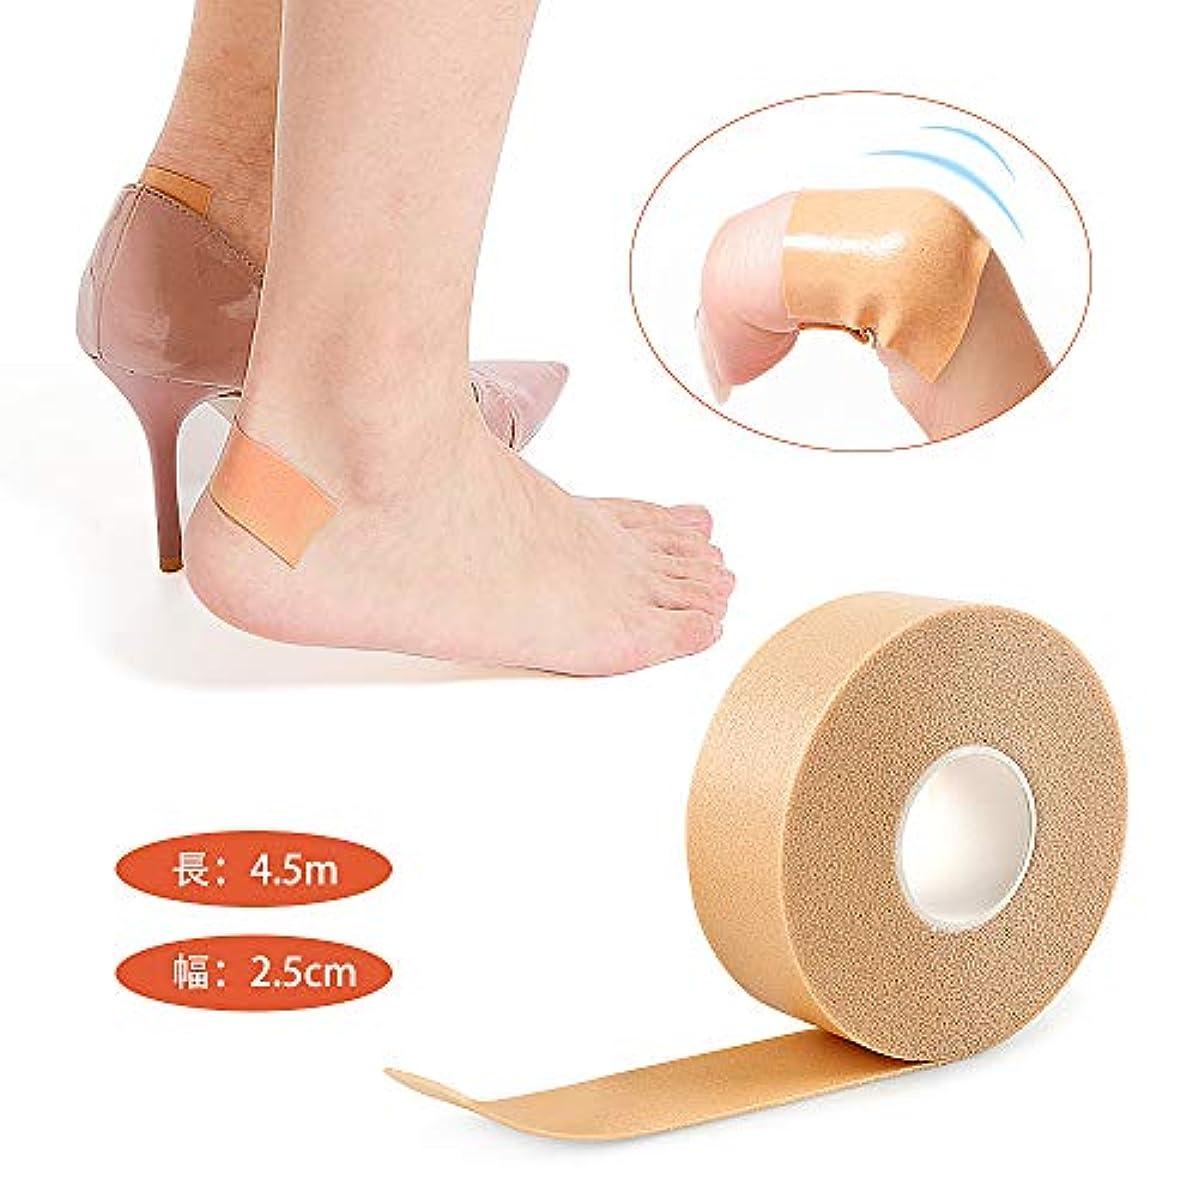 地中海メイトスリンクAzue 靴擦れ防止パッド かかとパッド 靴ずれ予防テープ テープ 防水素材 粘着 幅2.5cm×長4.5m 保護テープ 足用保護パッド 男女兼用